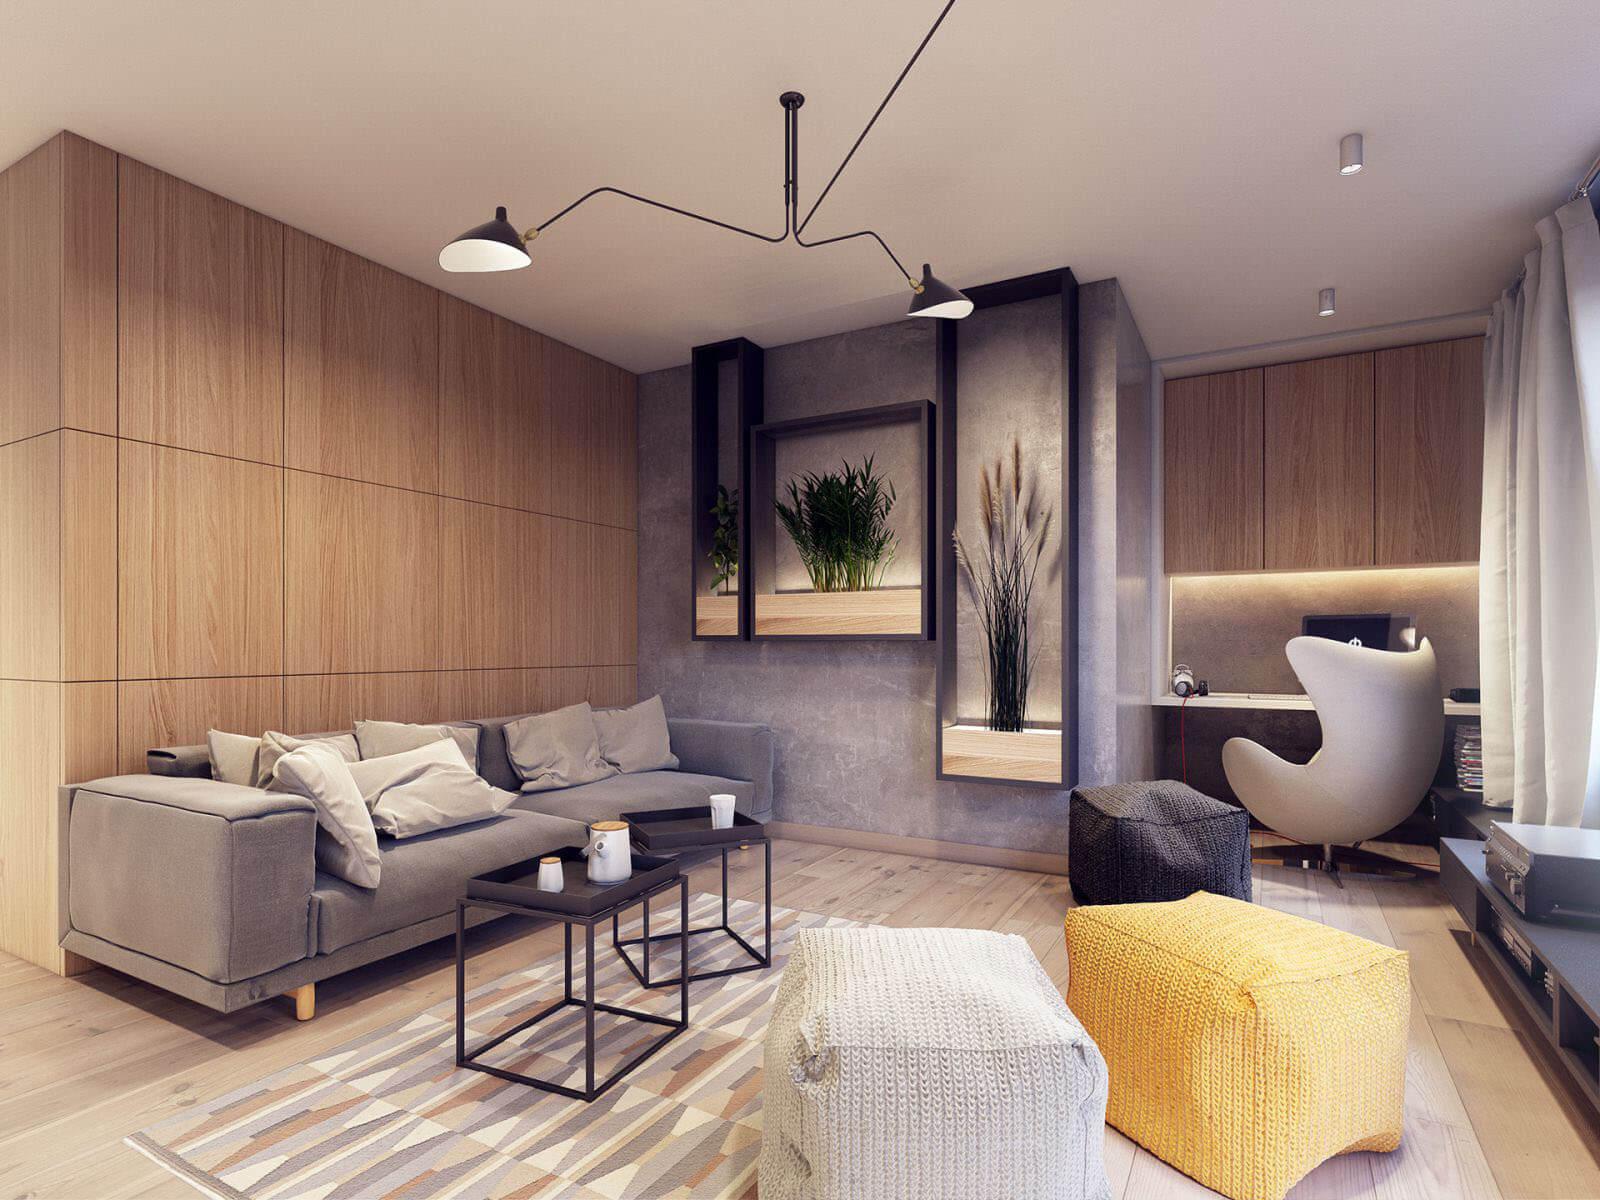 гостинный зал в современном стиле